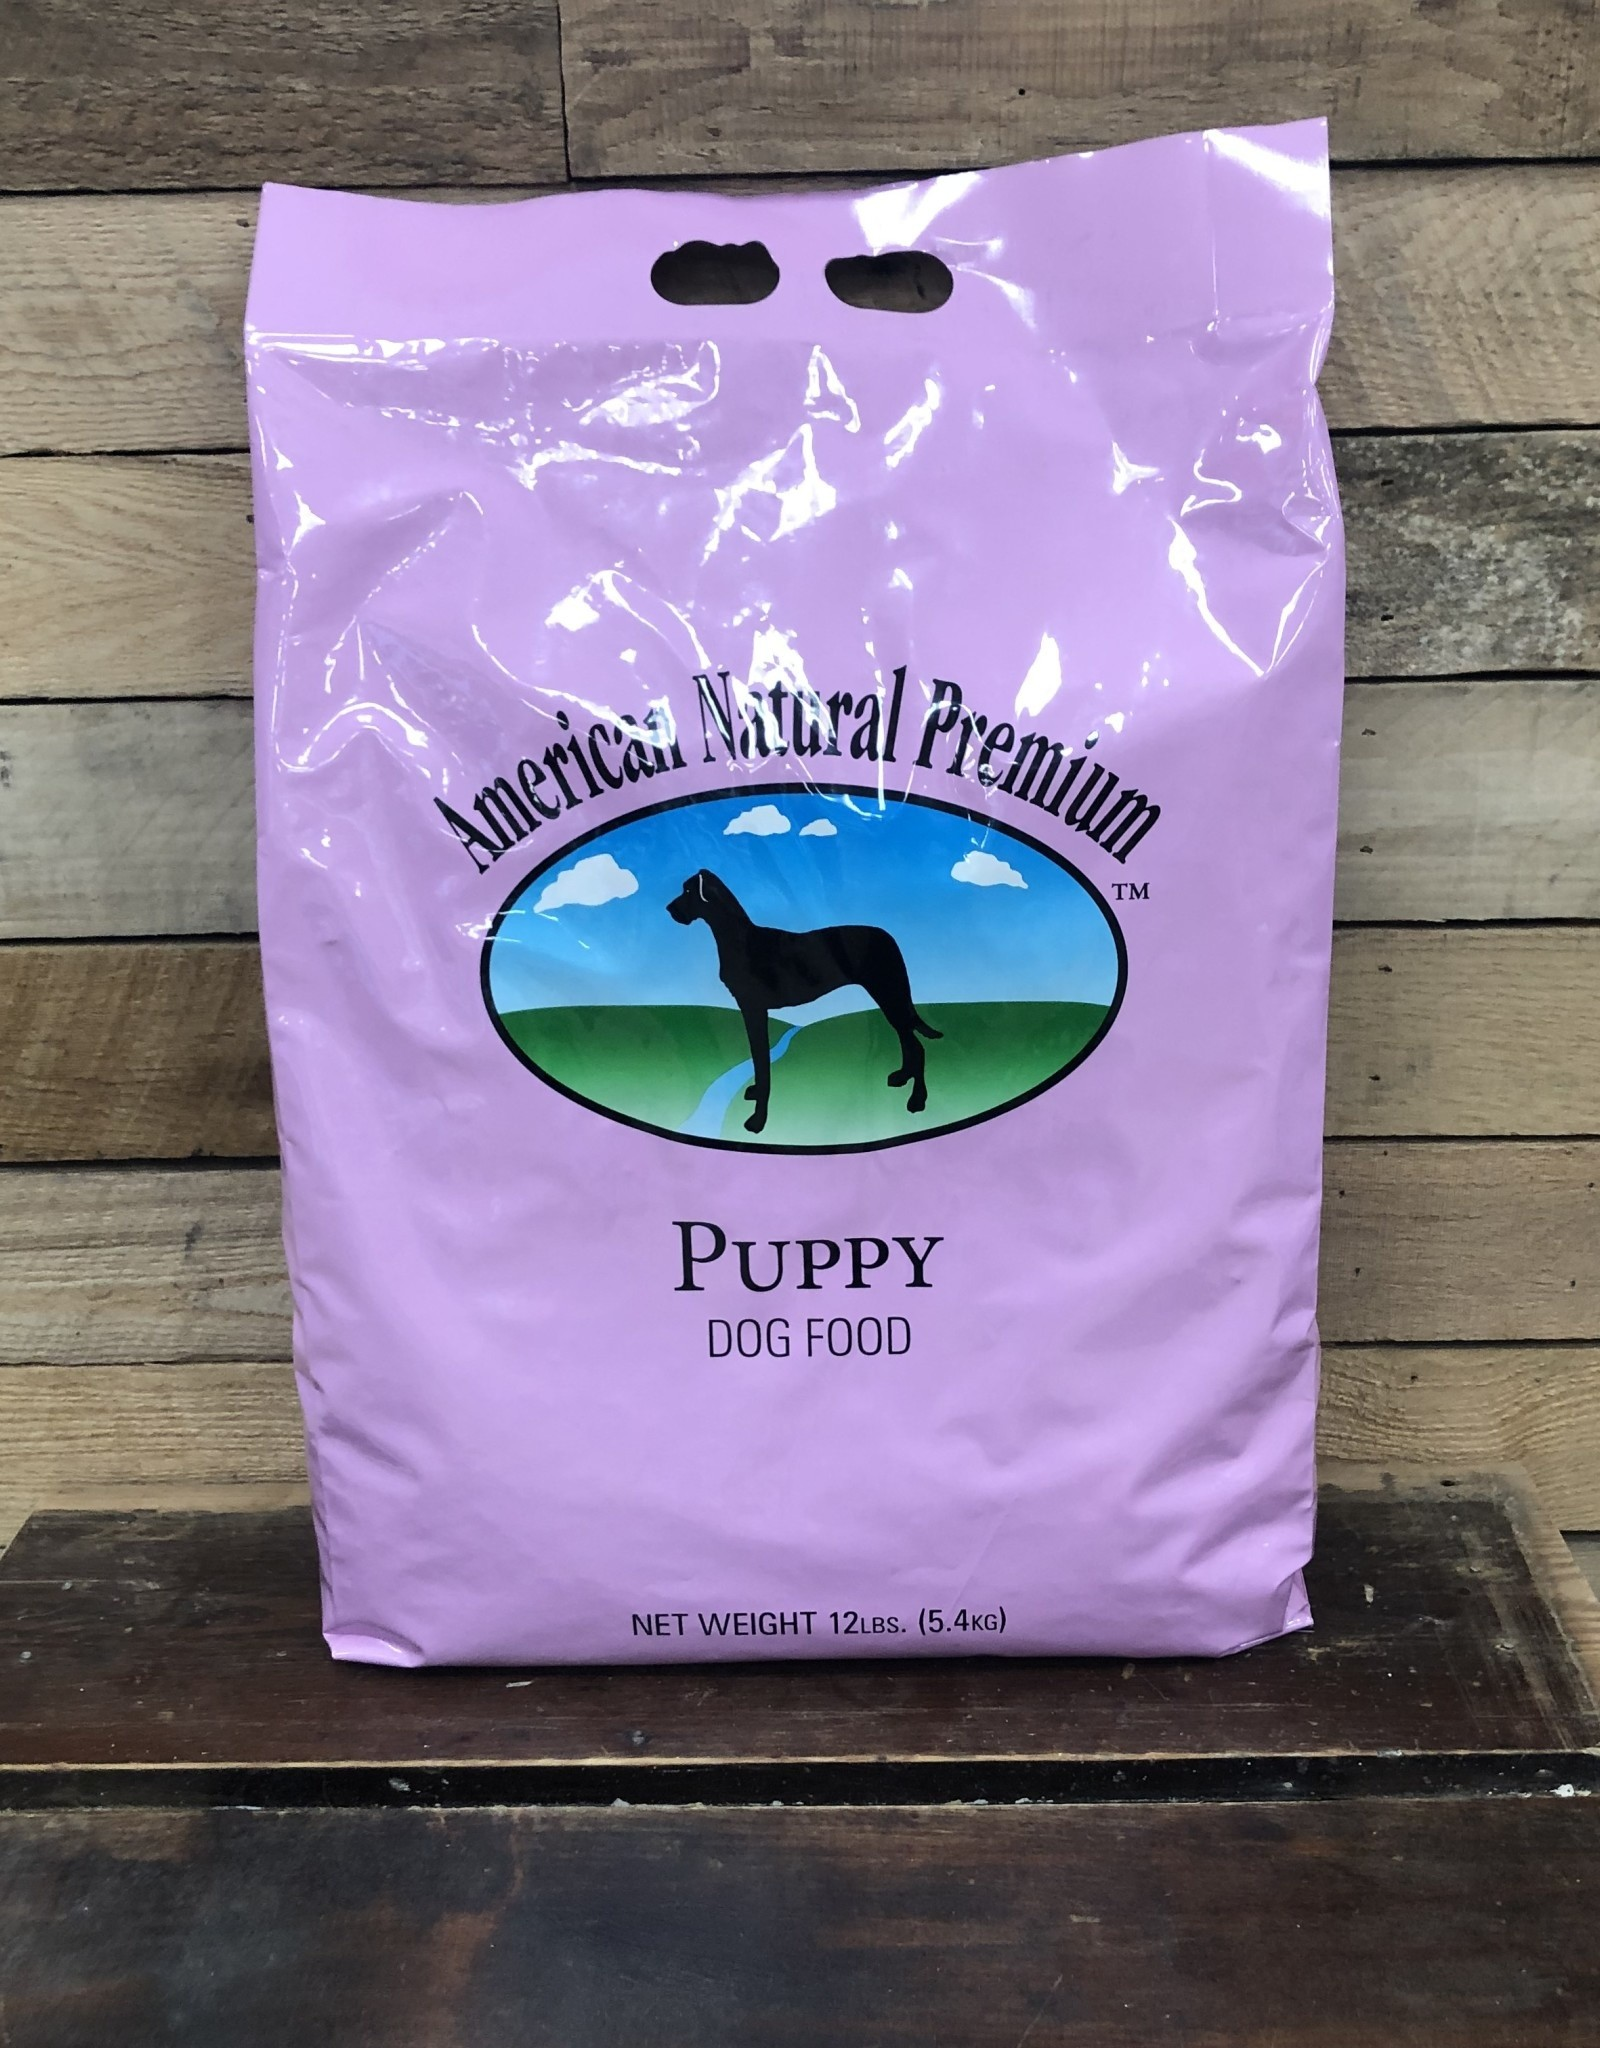 American Natural Premium American Natural Premium Puppy - 3 sizes